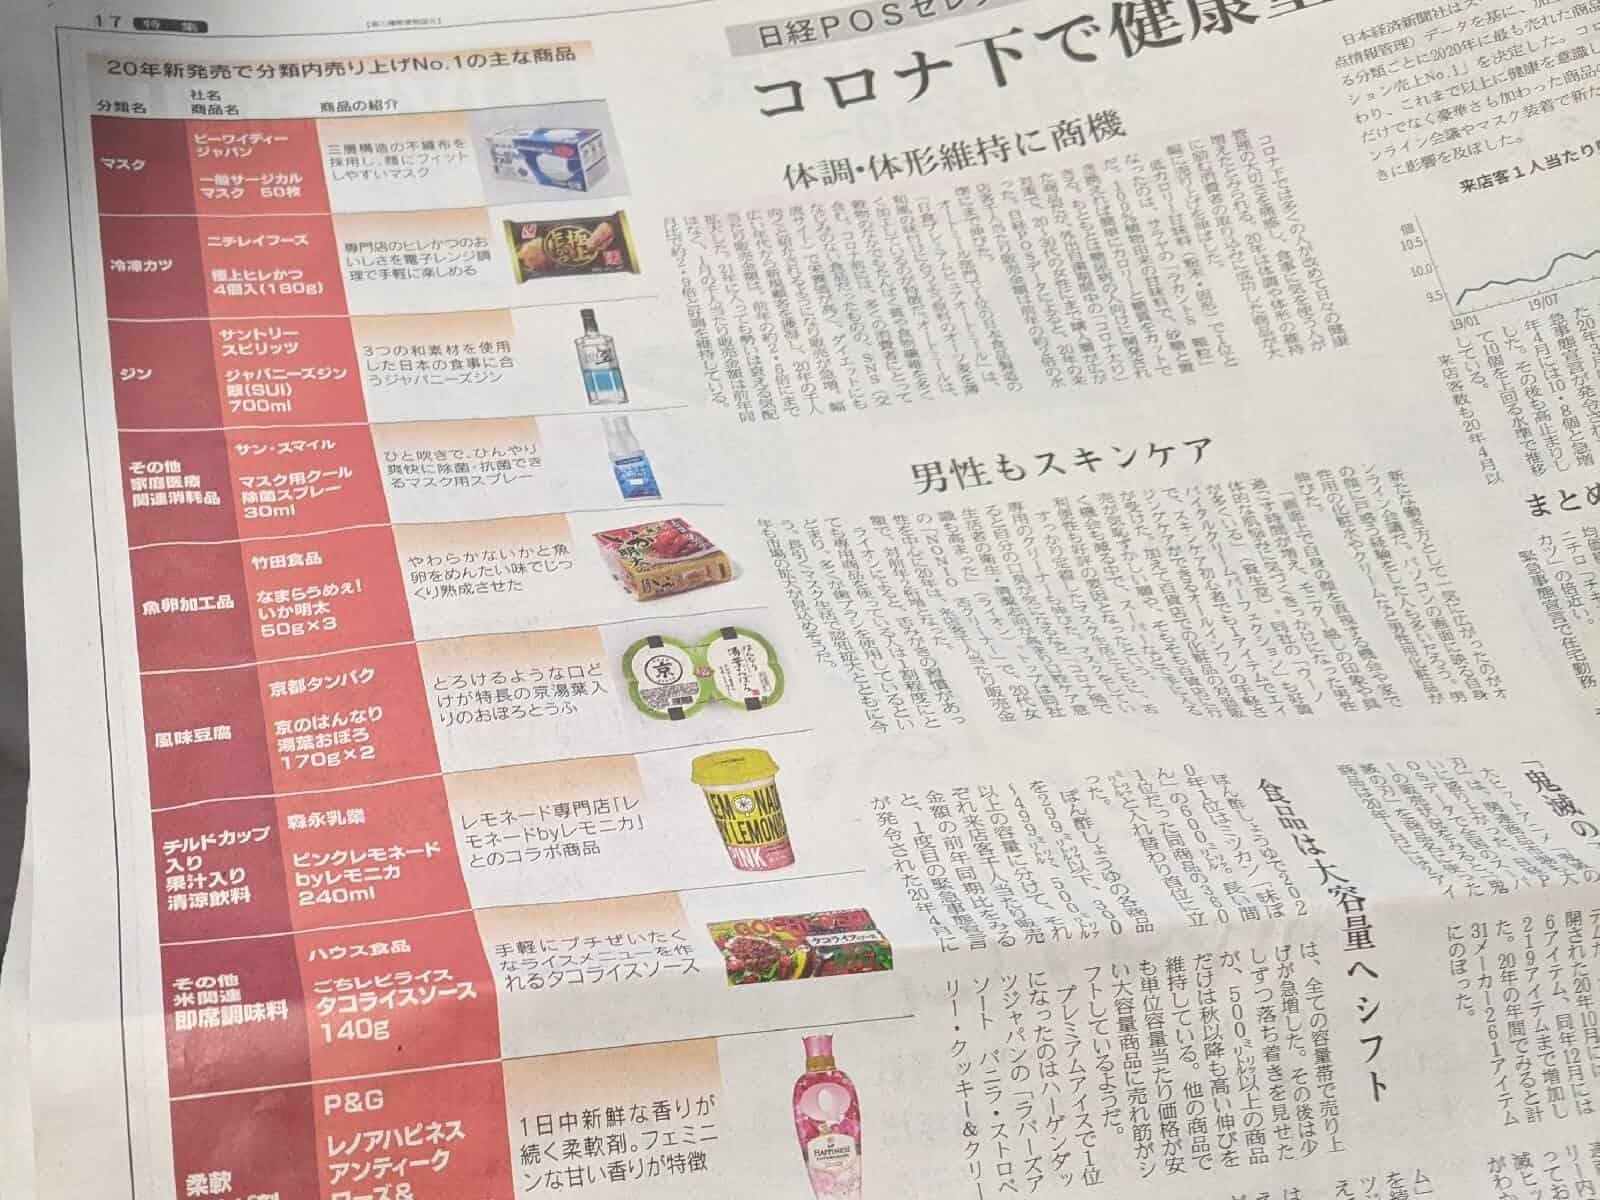 日経新聞の表